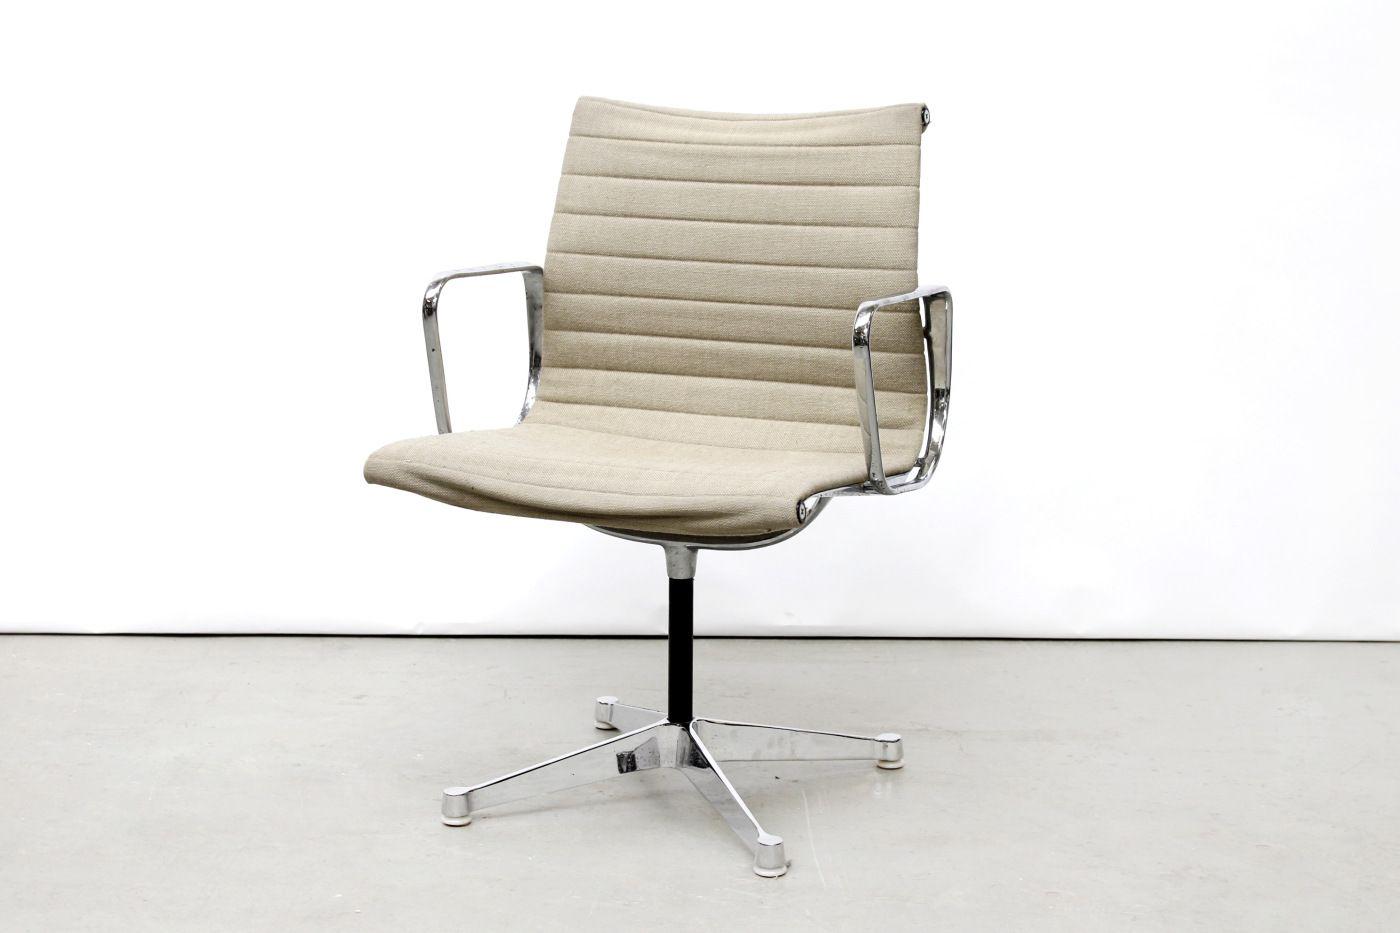 Charles Eames Bureaustoel.Vintage Eames Ea108 Bureau Stoel Grote Stoel Eames Stoelen